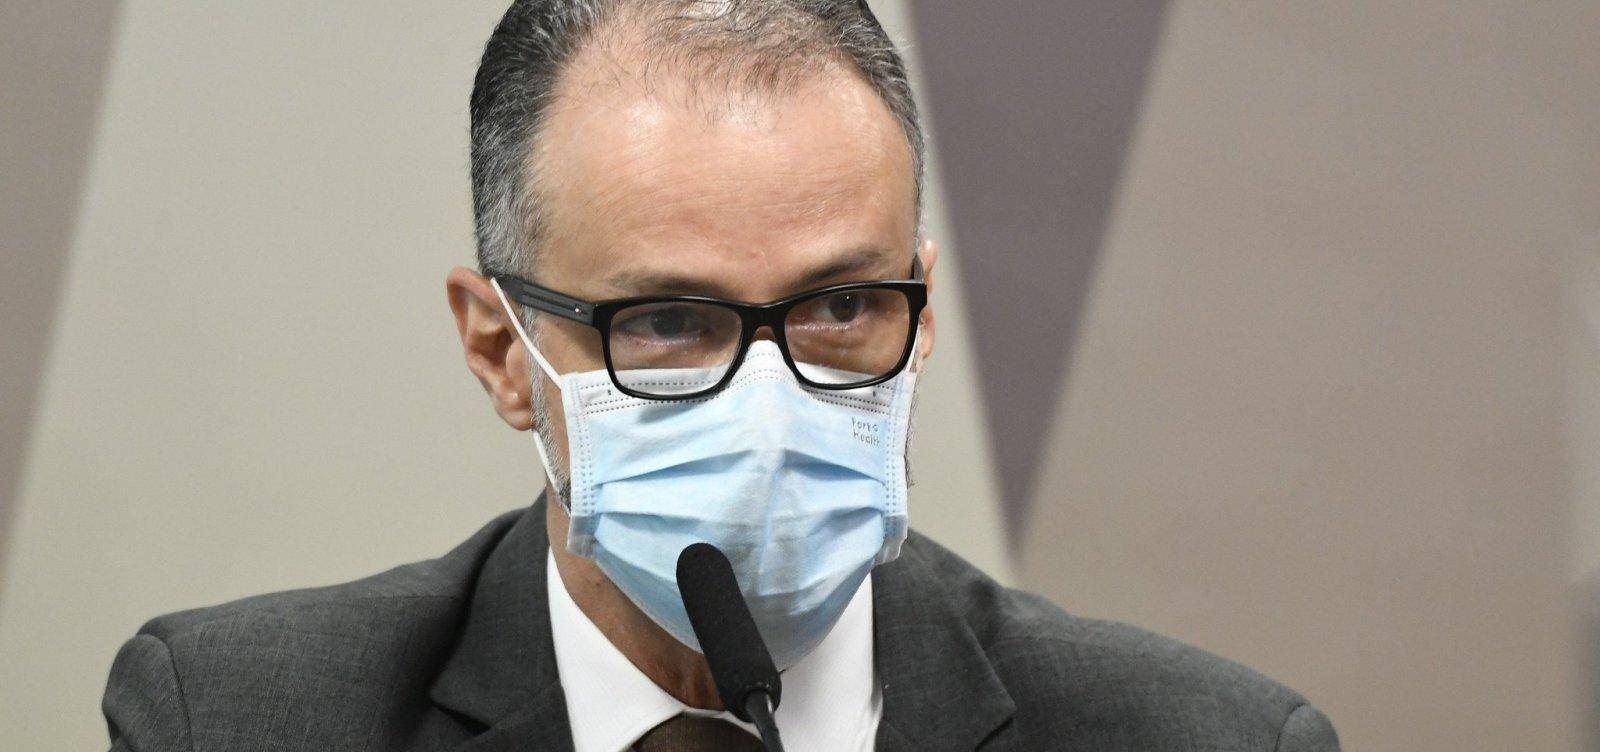 Presidente da Anvisa se diz contra uso da cloroquina e confirma tentativa de mudar a bula do remédio